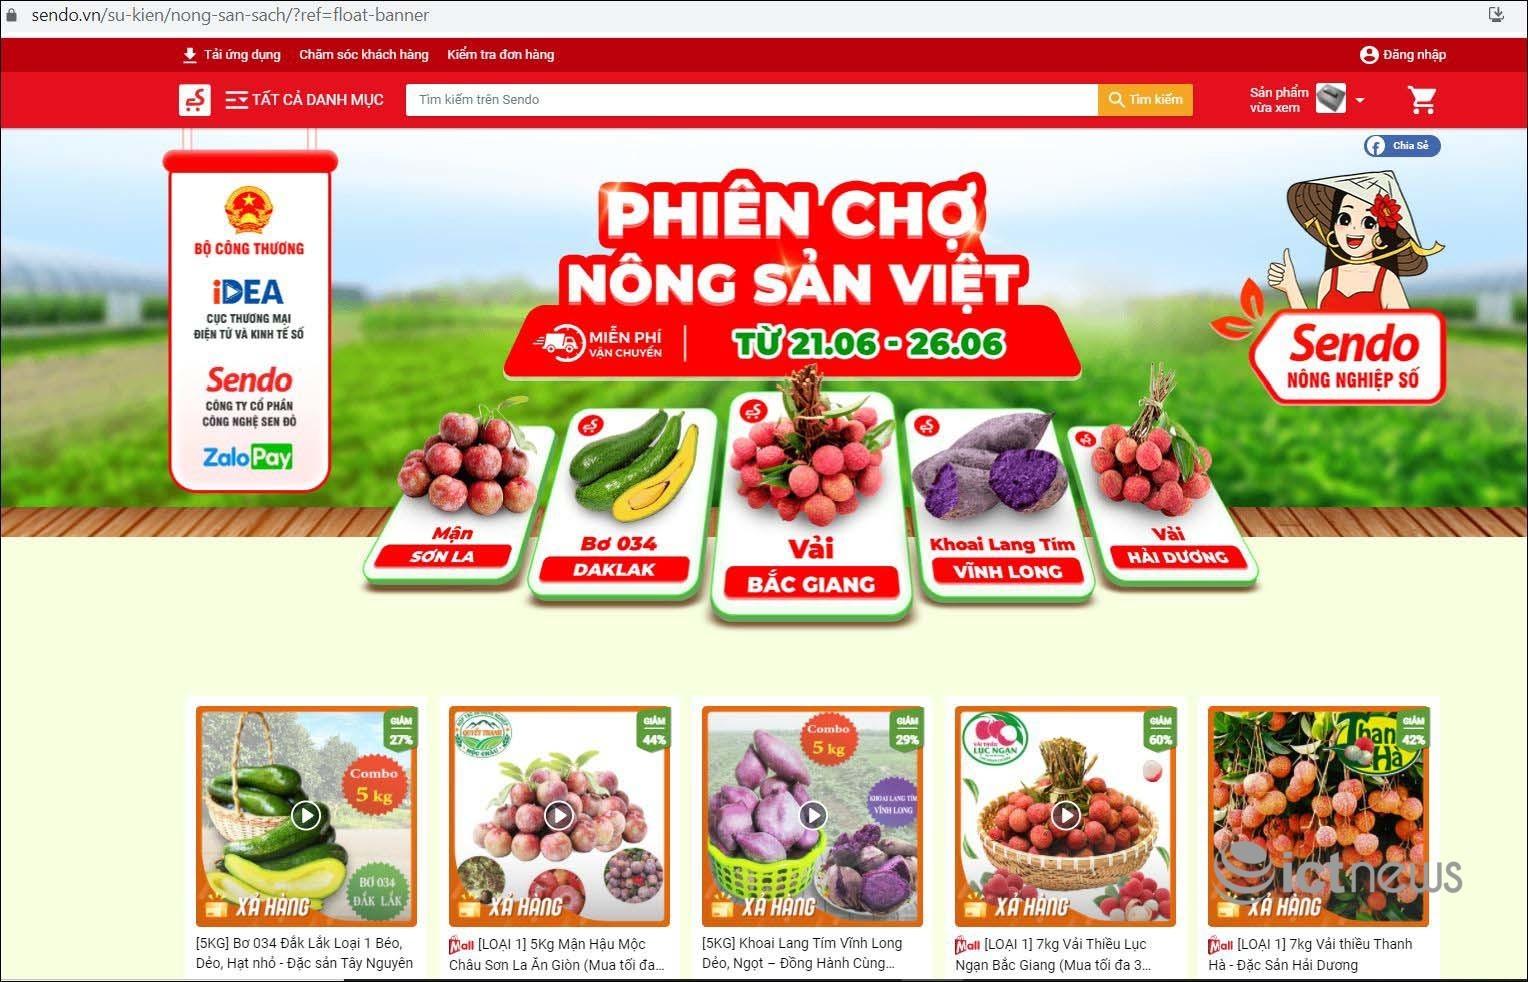 """Nông dân 5 tỉnh mang đặc sản lên bán tại """"Phiên chợ nông sản Việt trực tuyến"""""""